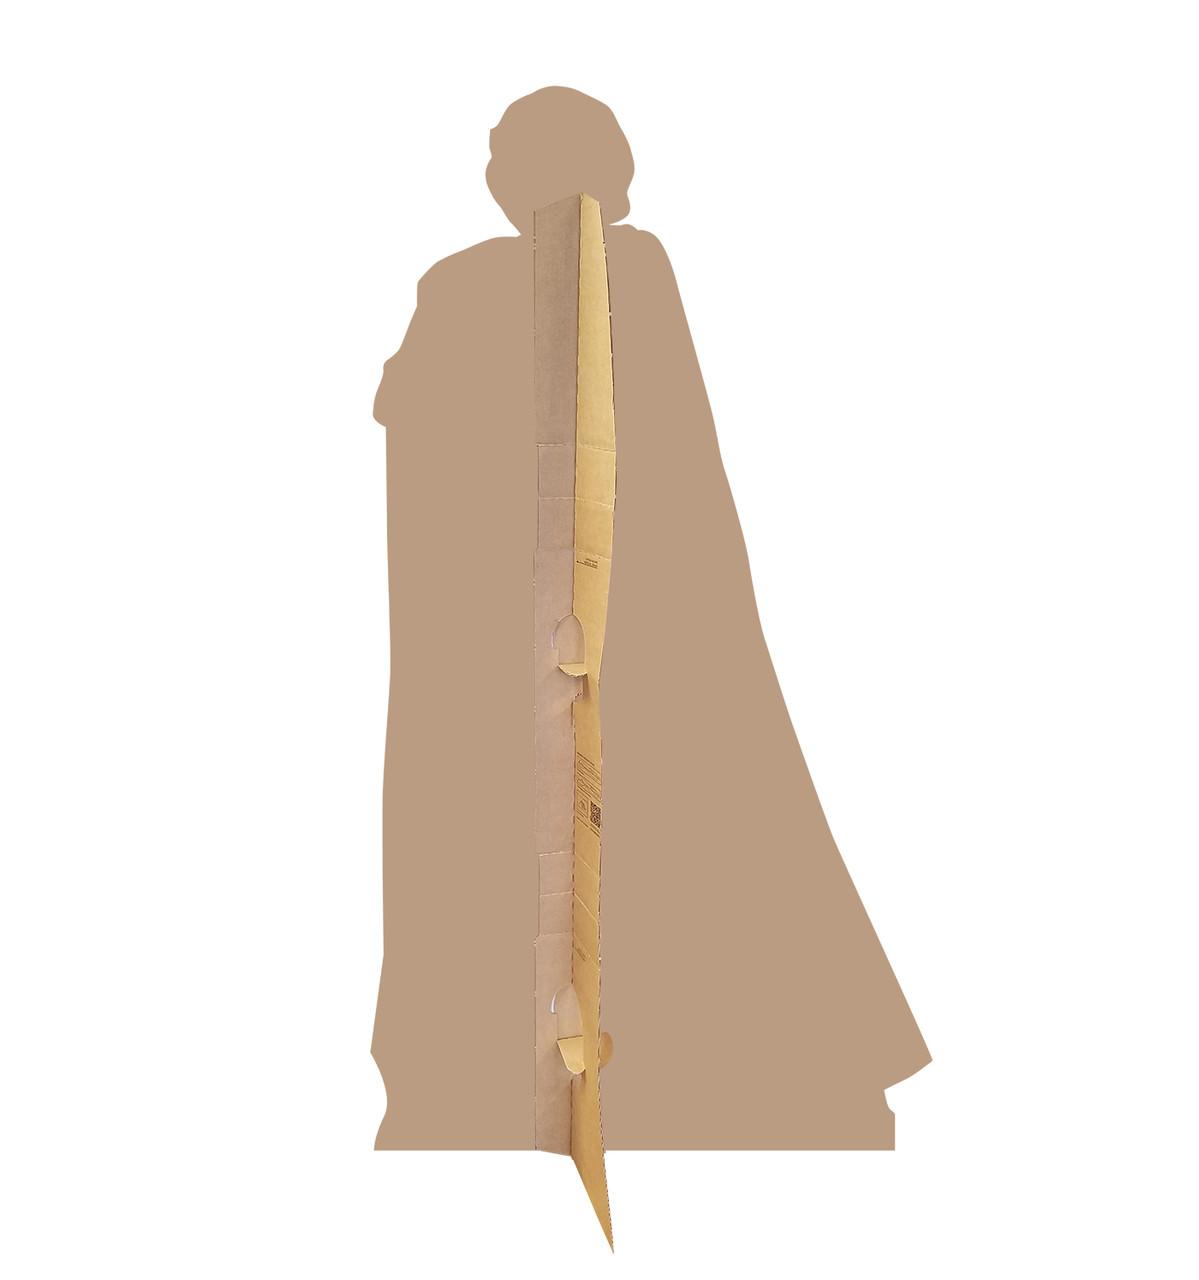 Luke Skywalker - Star Wars: The Last Jedi Life-Size Cardboard Cutout 2